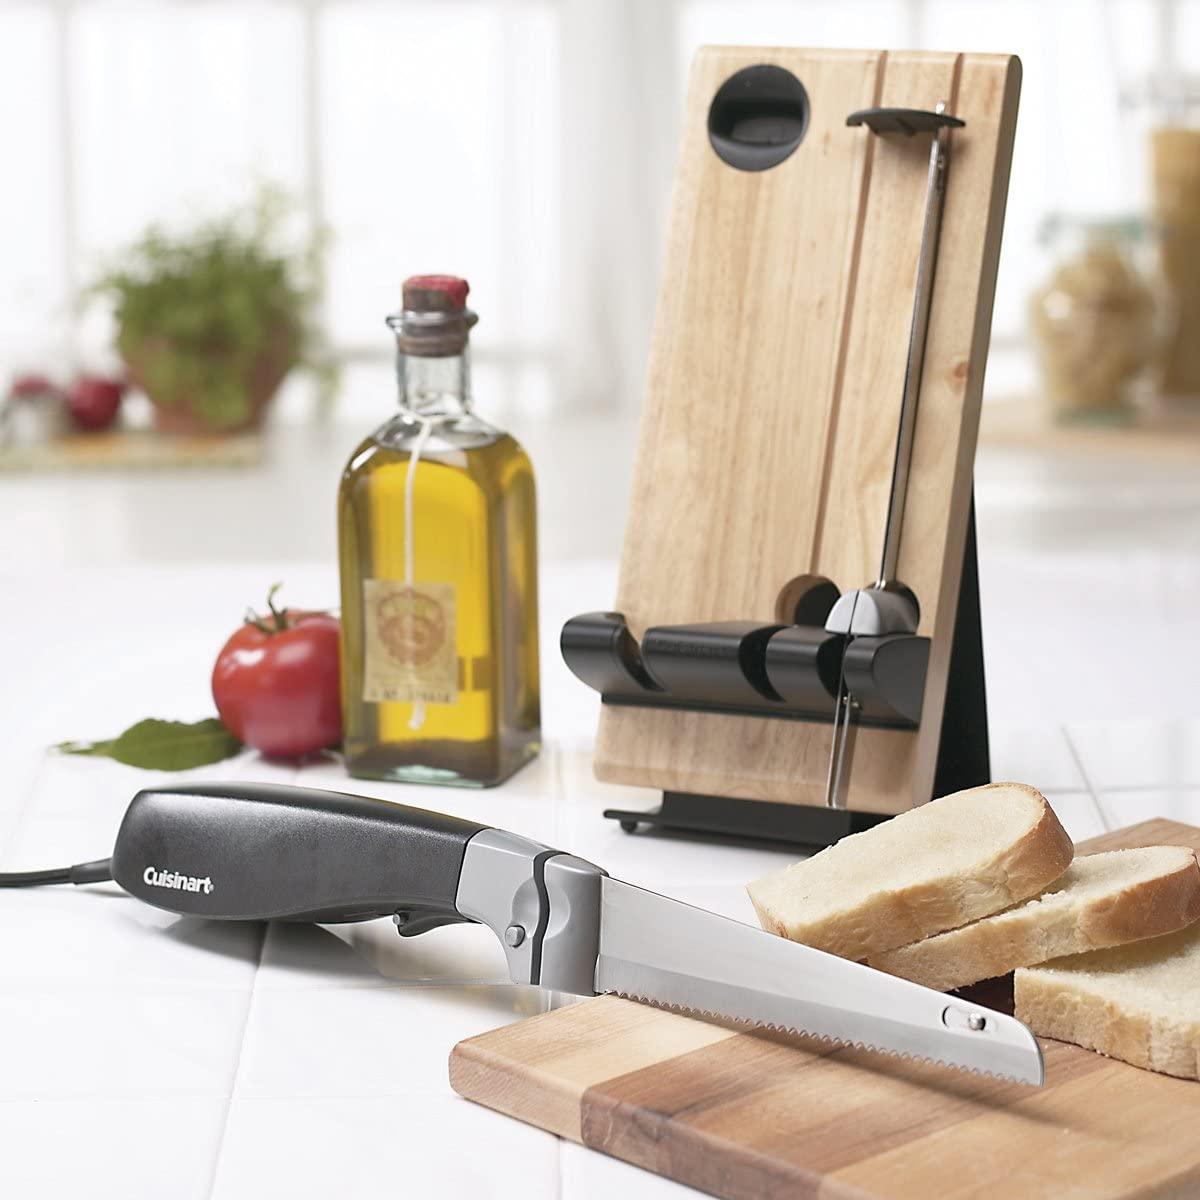 Cuisinart(クイジナート) 電動ナイフ ブラック CEK40の商品画像3